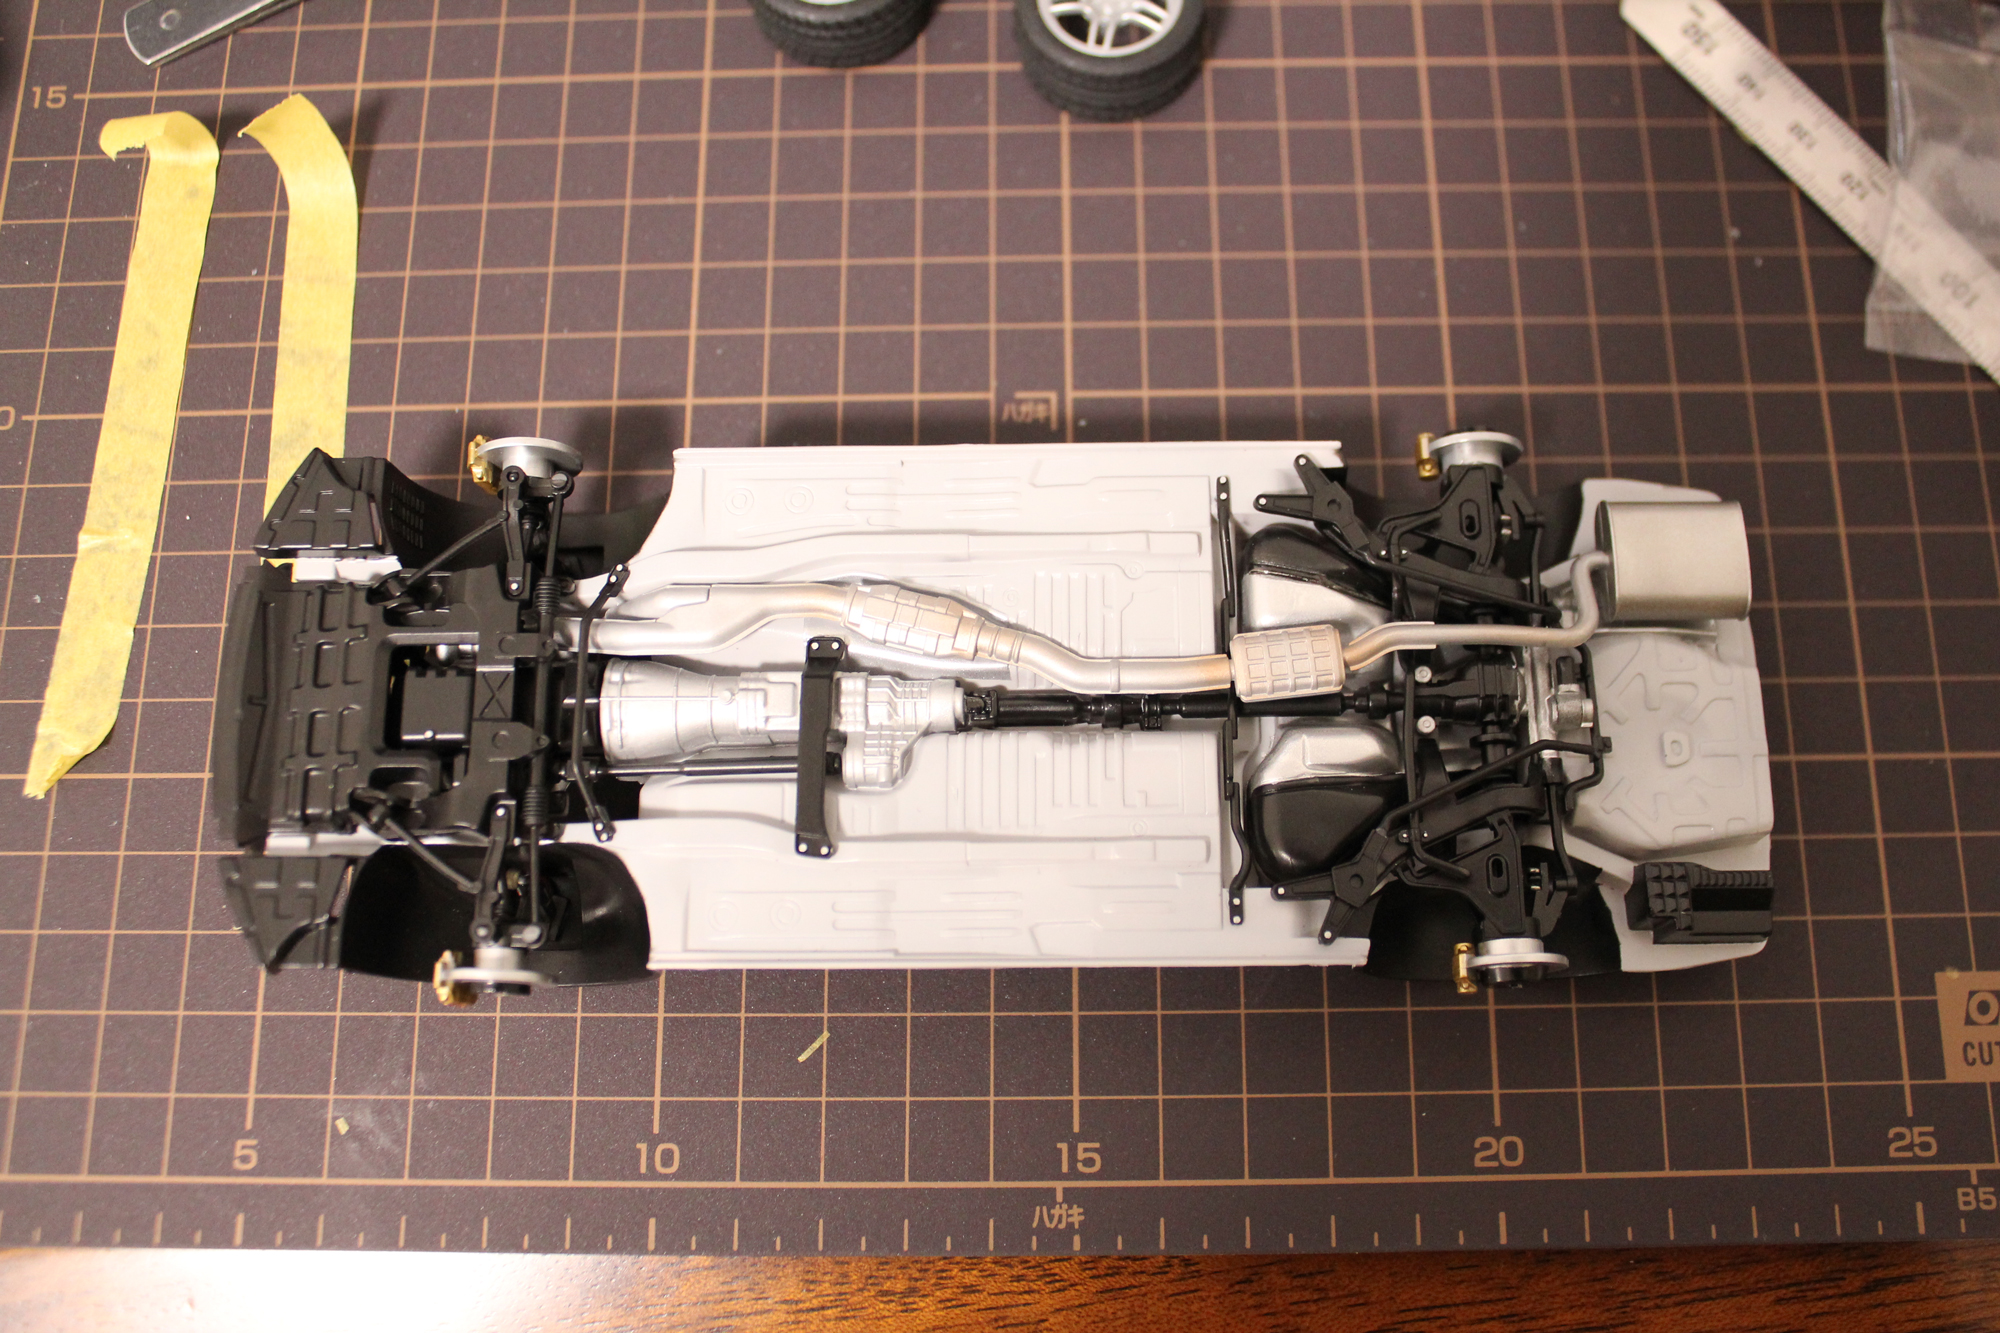 R33GT-Rシャーシ裏完成